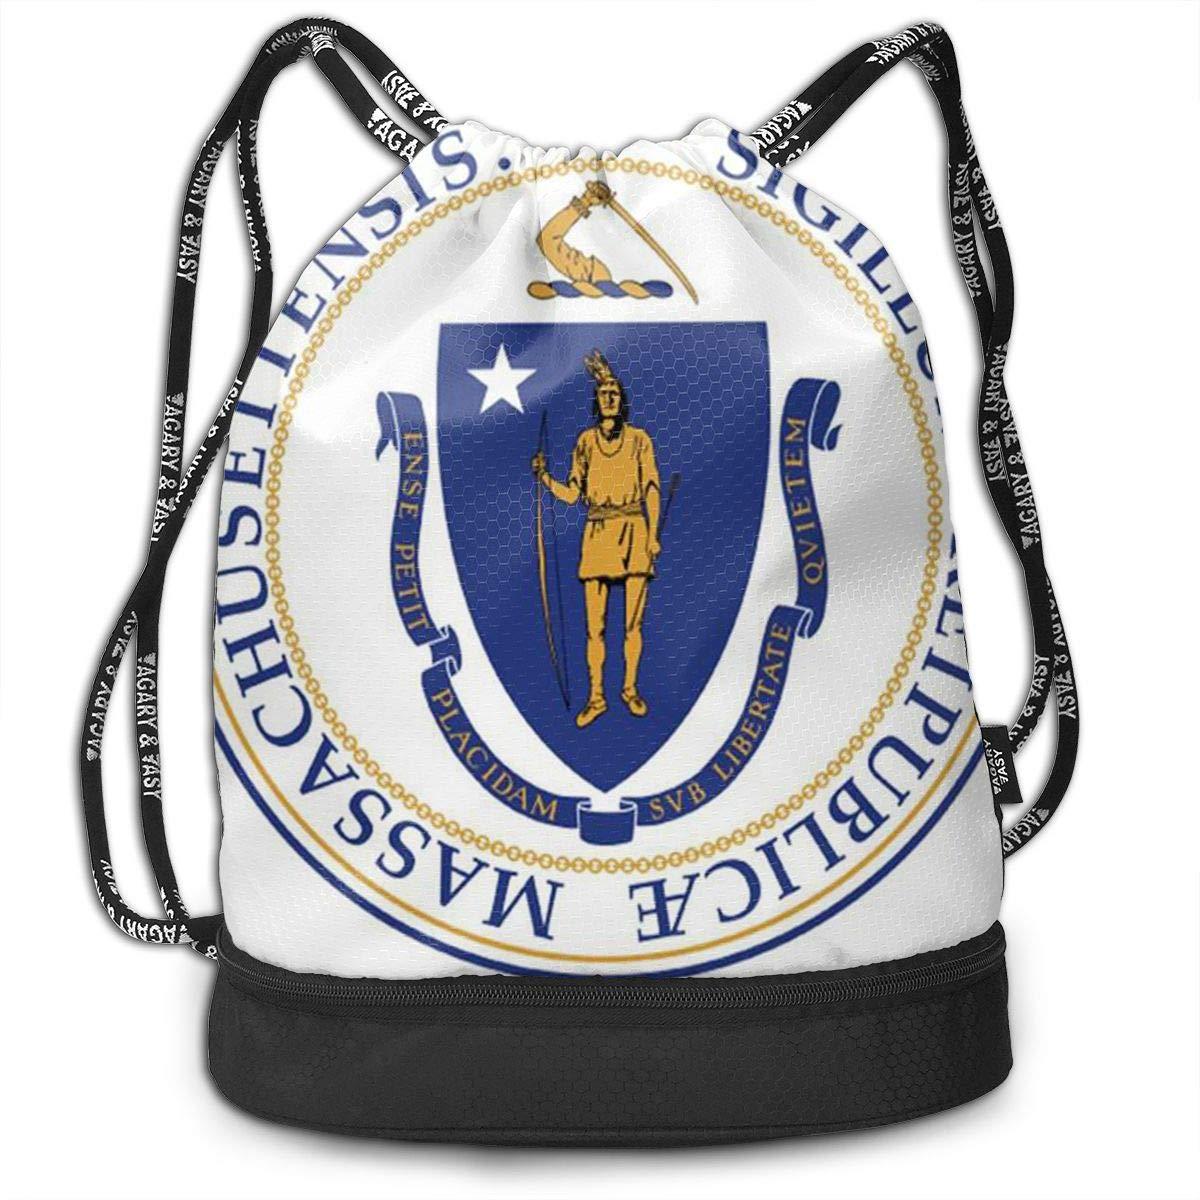 HUOPR5Q Cute Valentines Day Drawstring Backpack Sport Gym Sack Shoulder Bulk Bag Dance Bag for School Travel